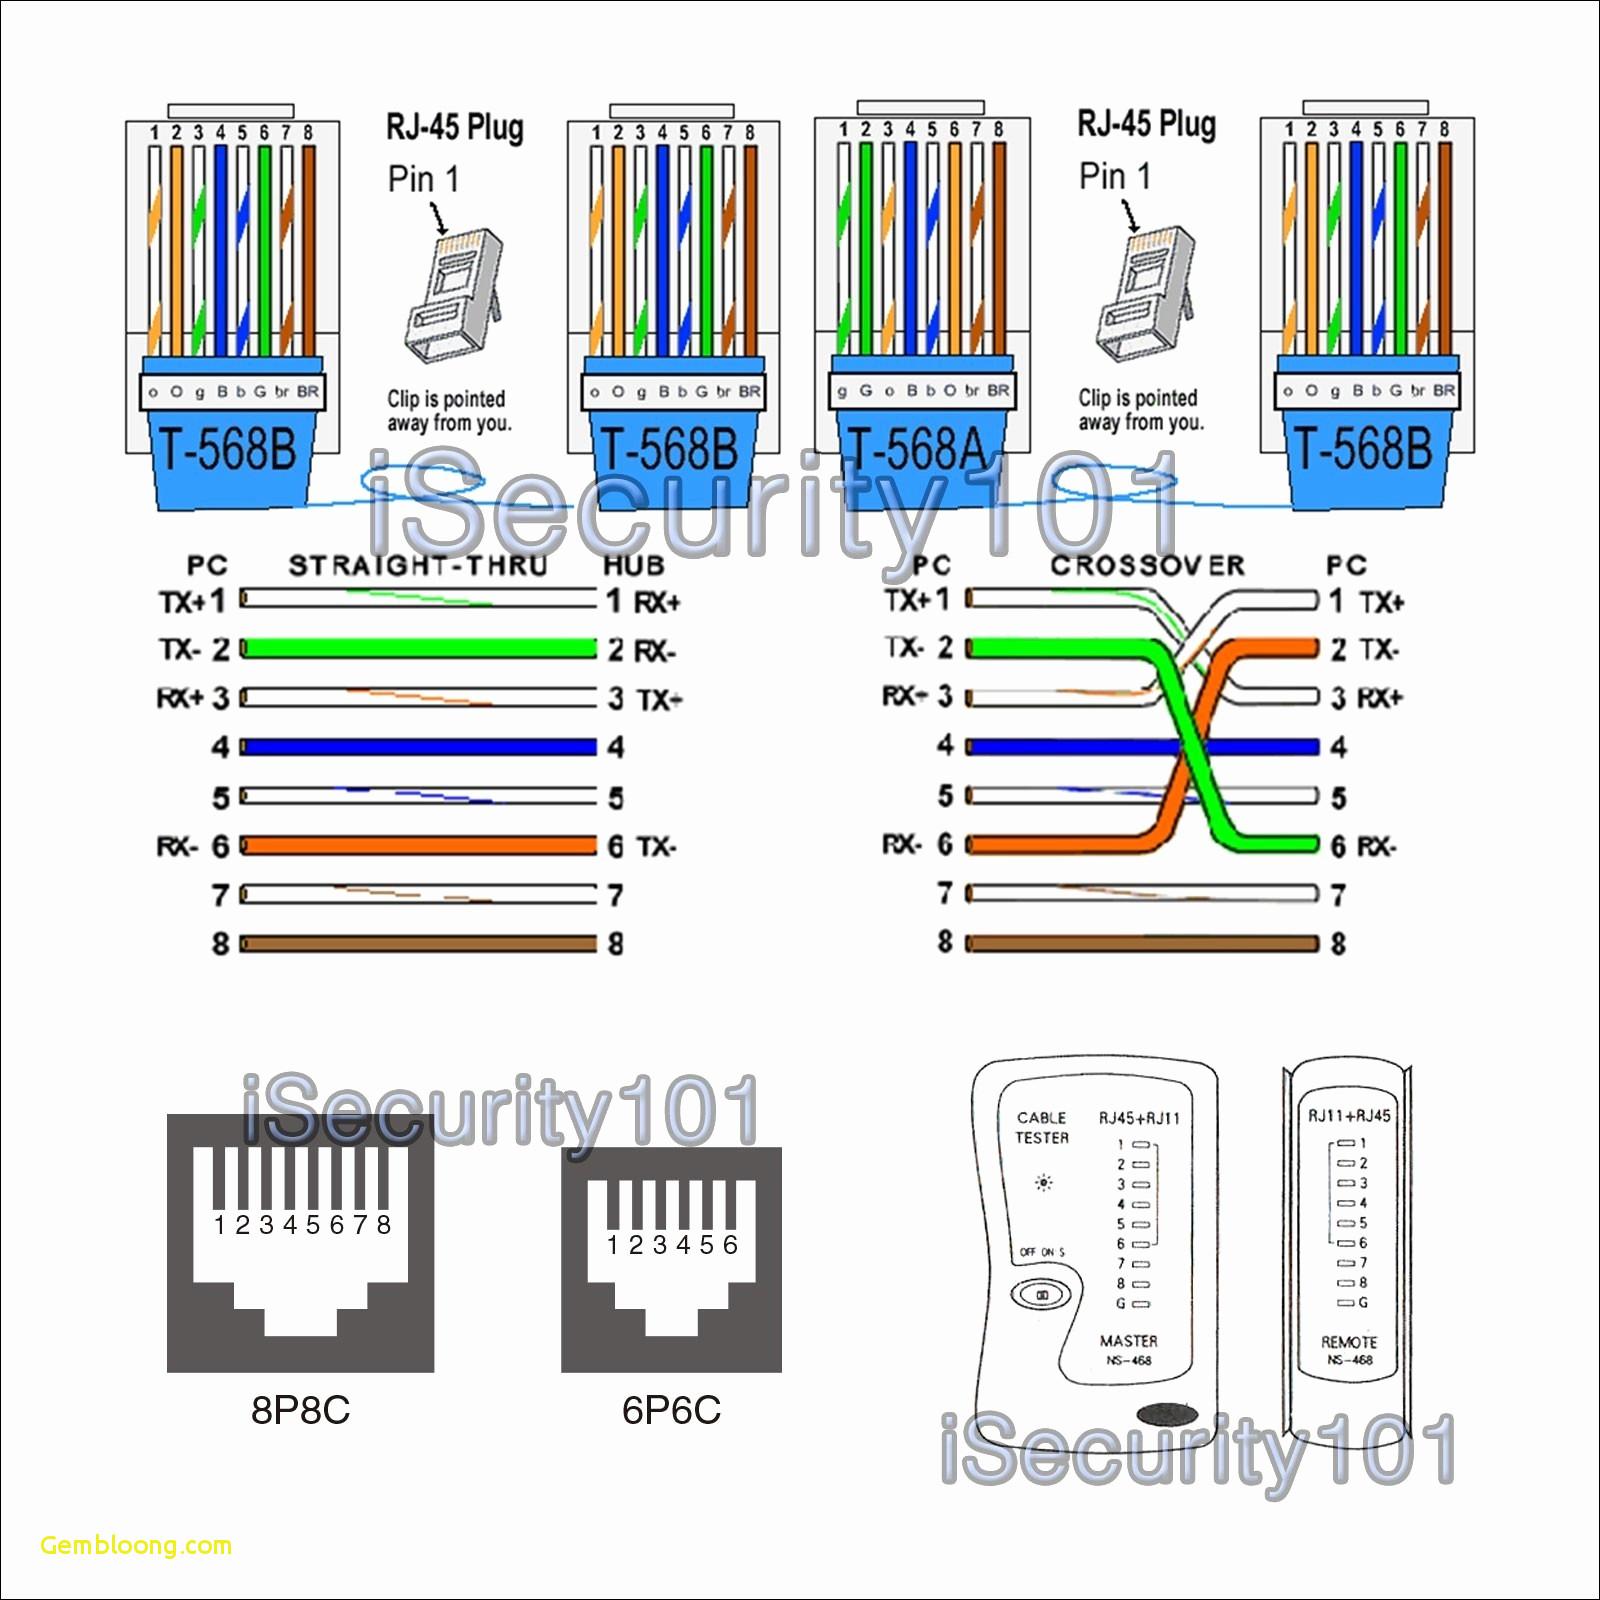 Att Uverse Wiring Diagram | Wiring Diagram - Att Uverse Wiring Diagram